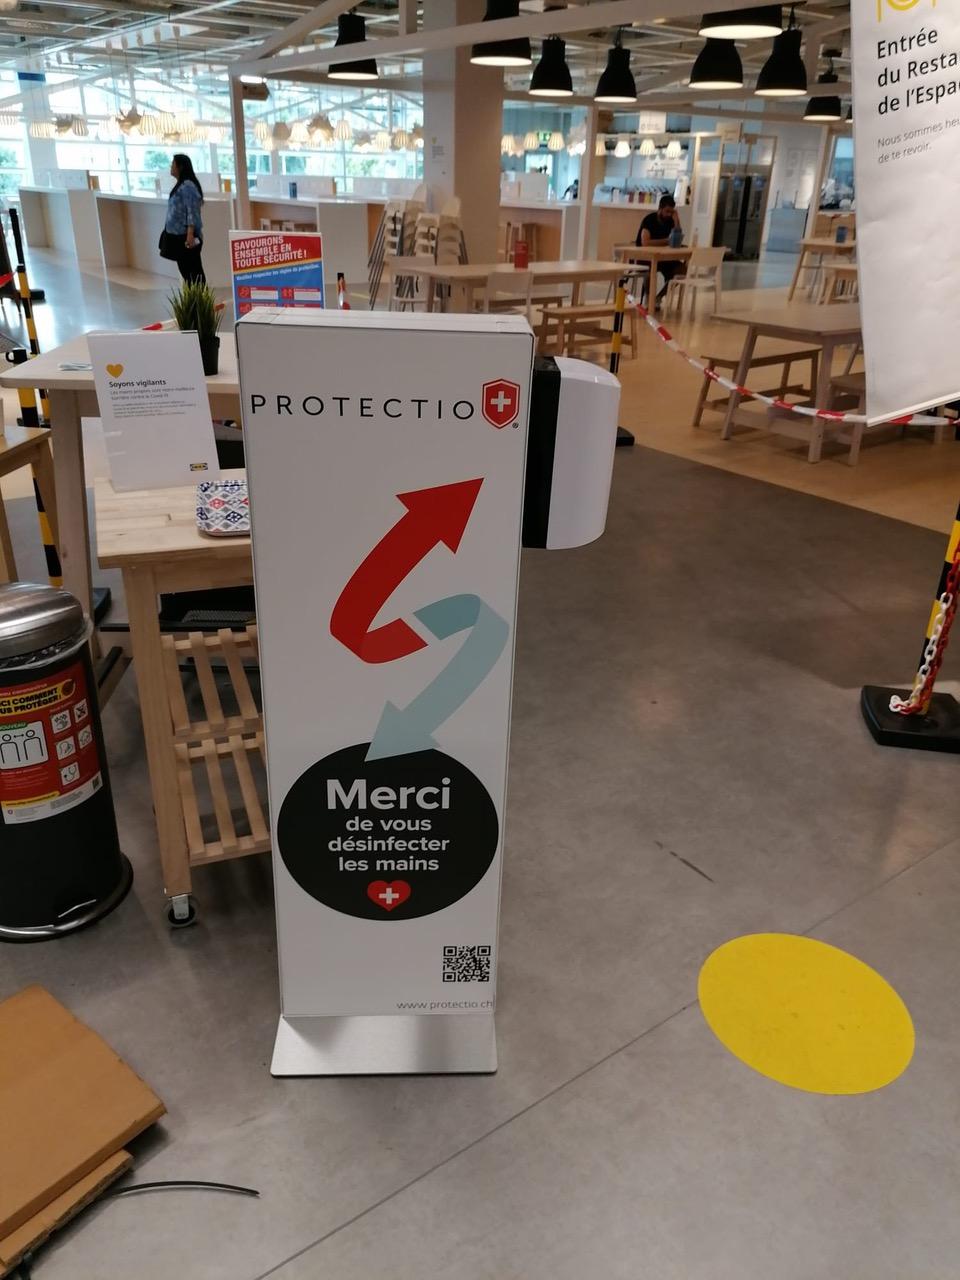 Distributeur solution hydroalcoolique safe station Protectio